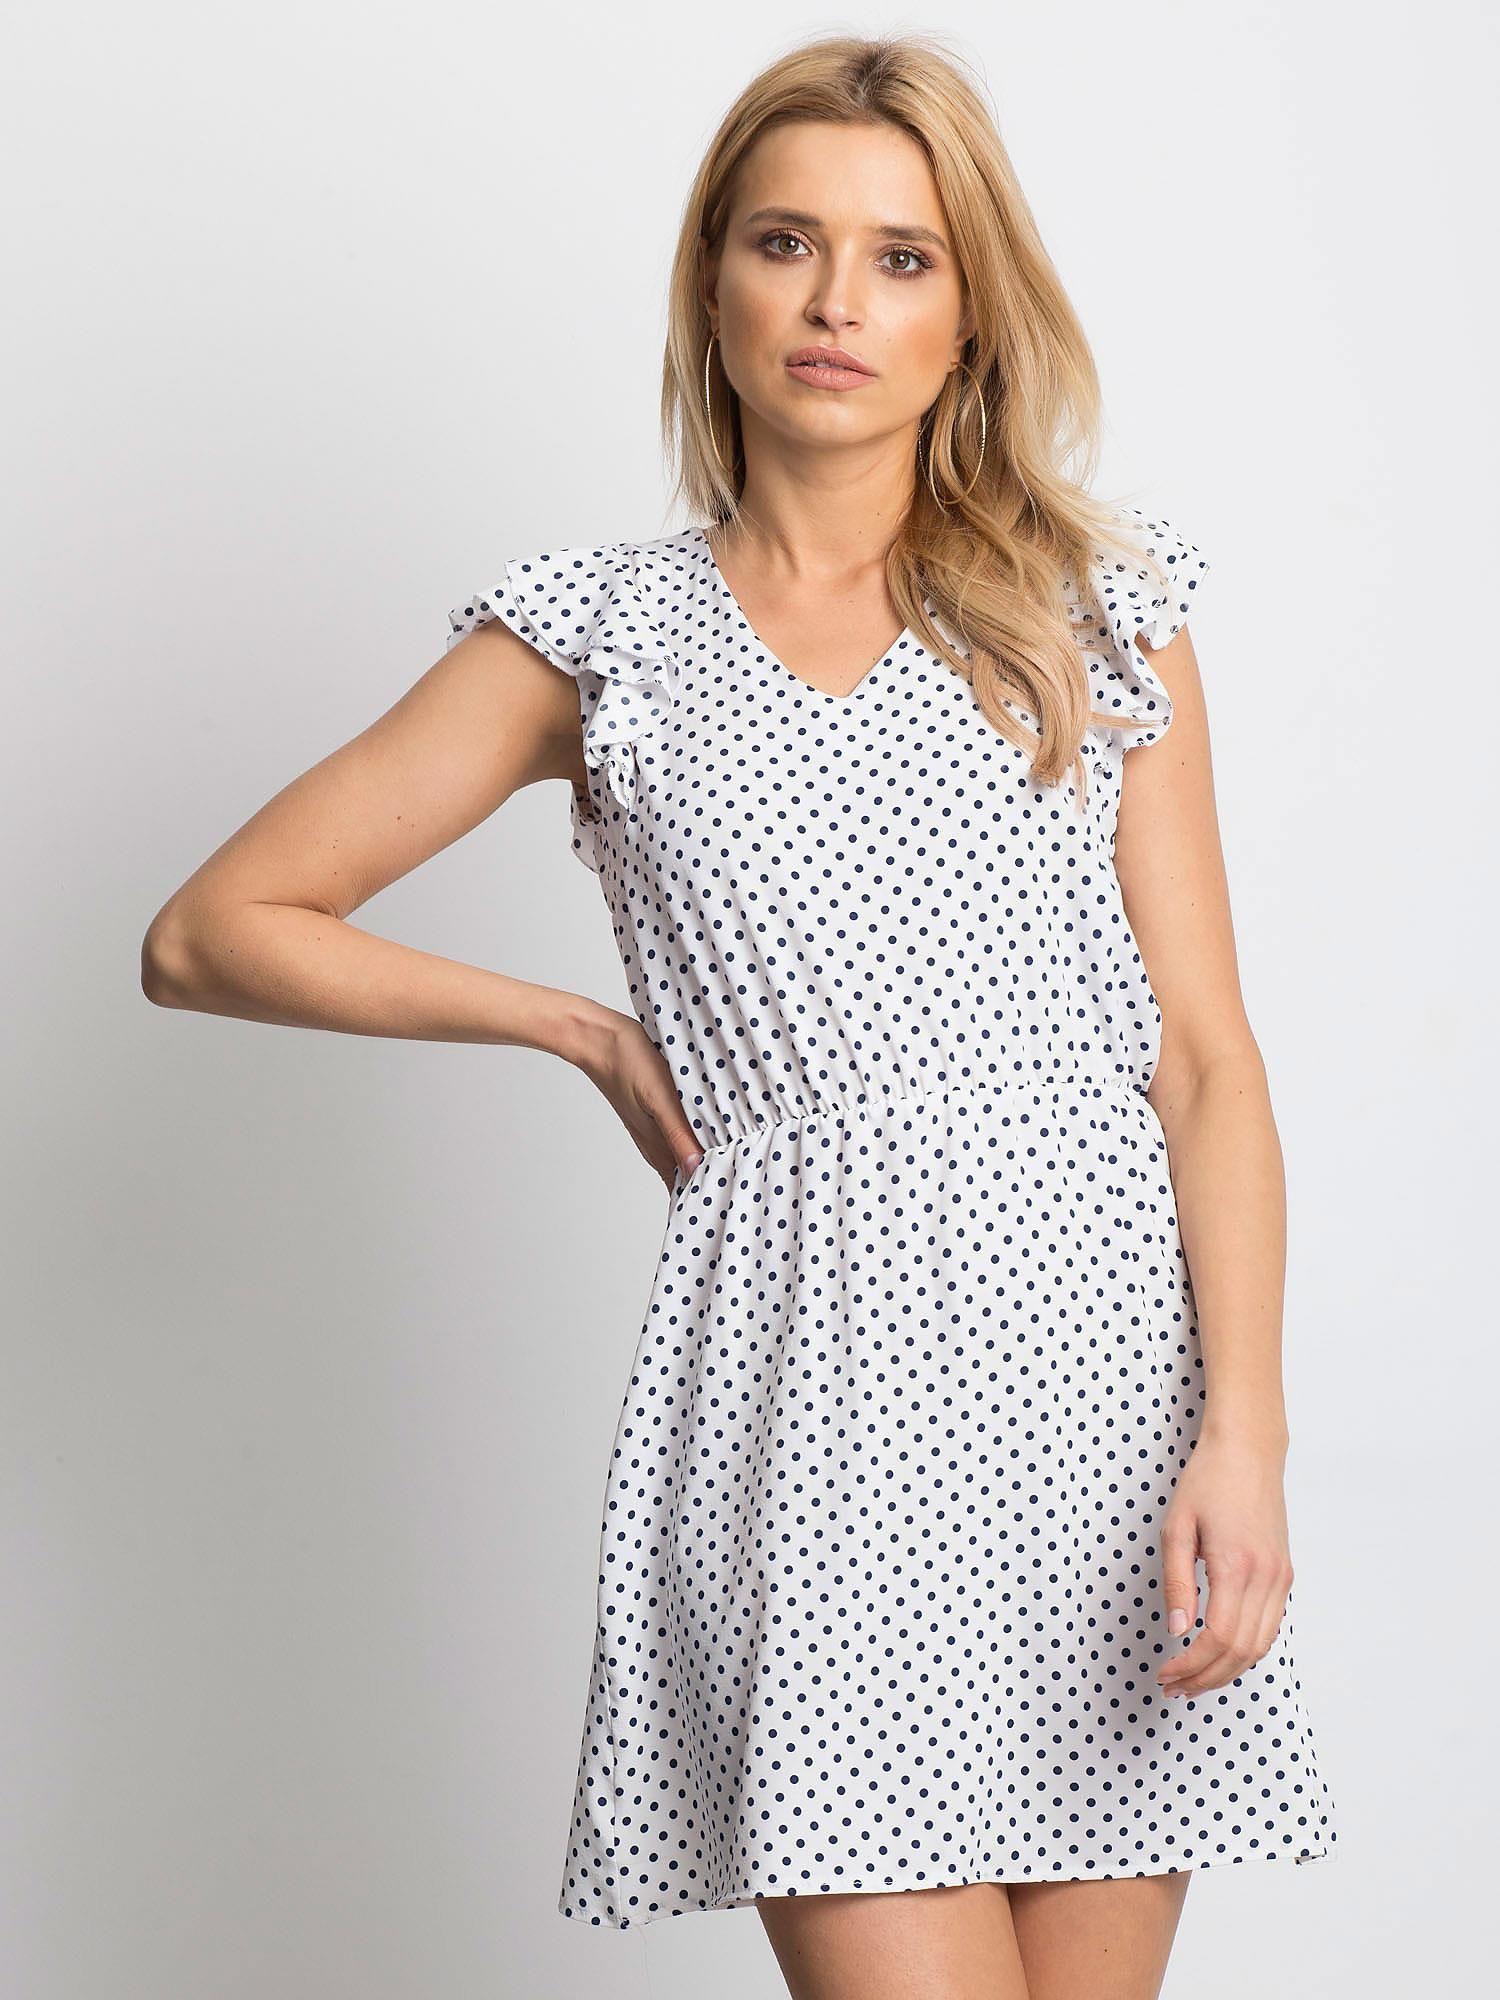 Čierno-biele bodkované šaty s výstrihom do V - L/XL